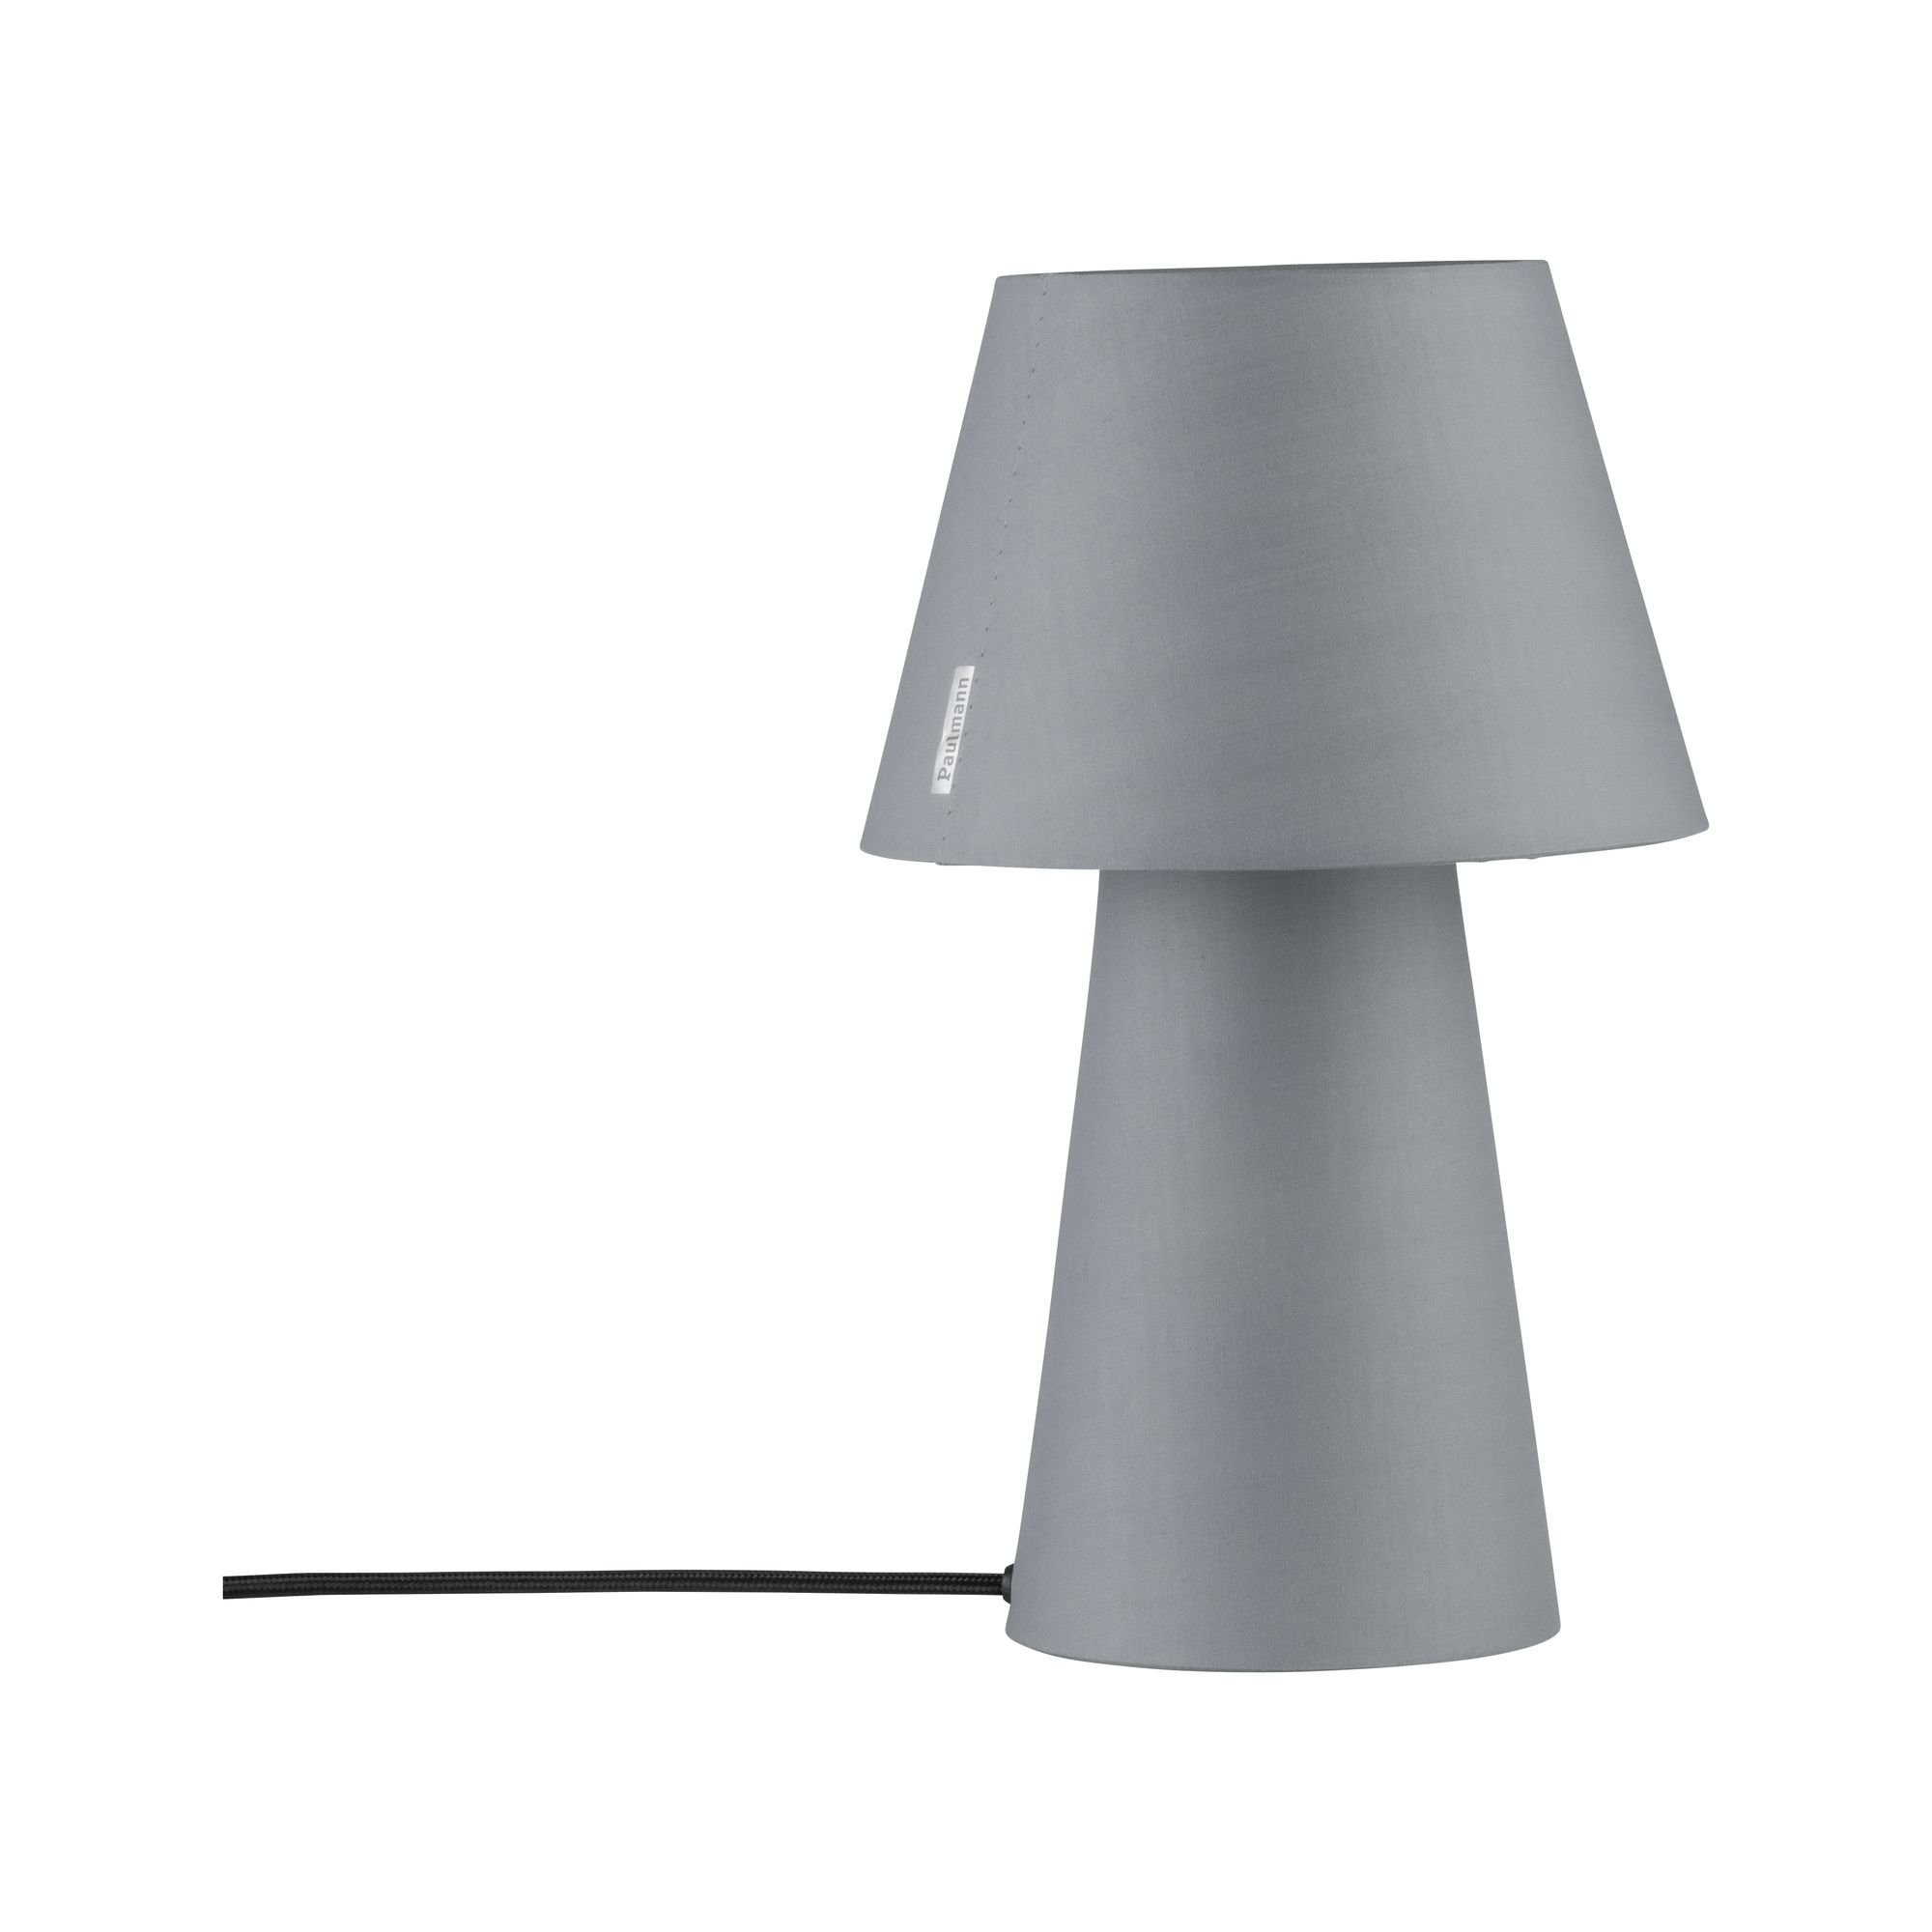 Paulmann LED Tischleuchte Kelt mit Stoffschirm und -fuß Grau max. 20W E14, E14, 1 St.